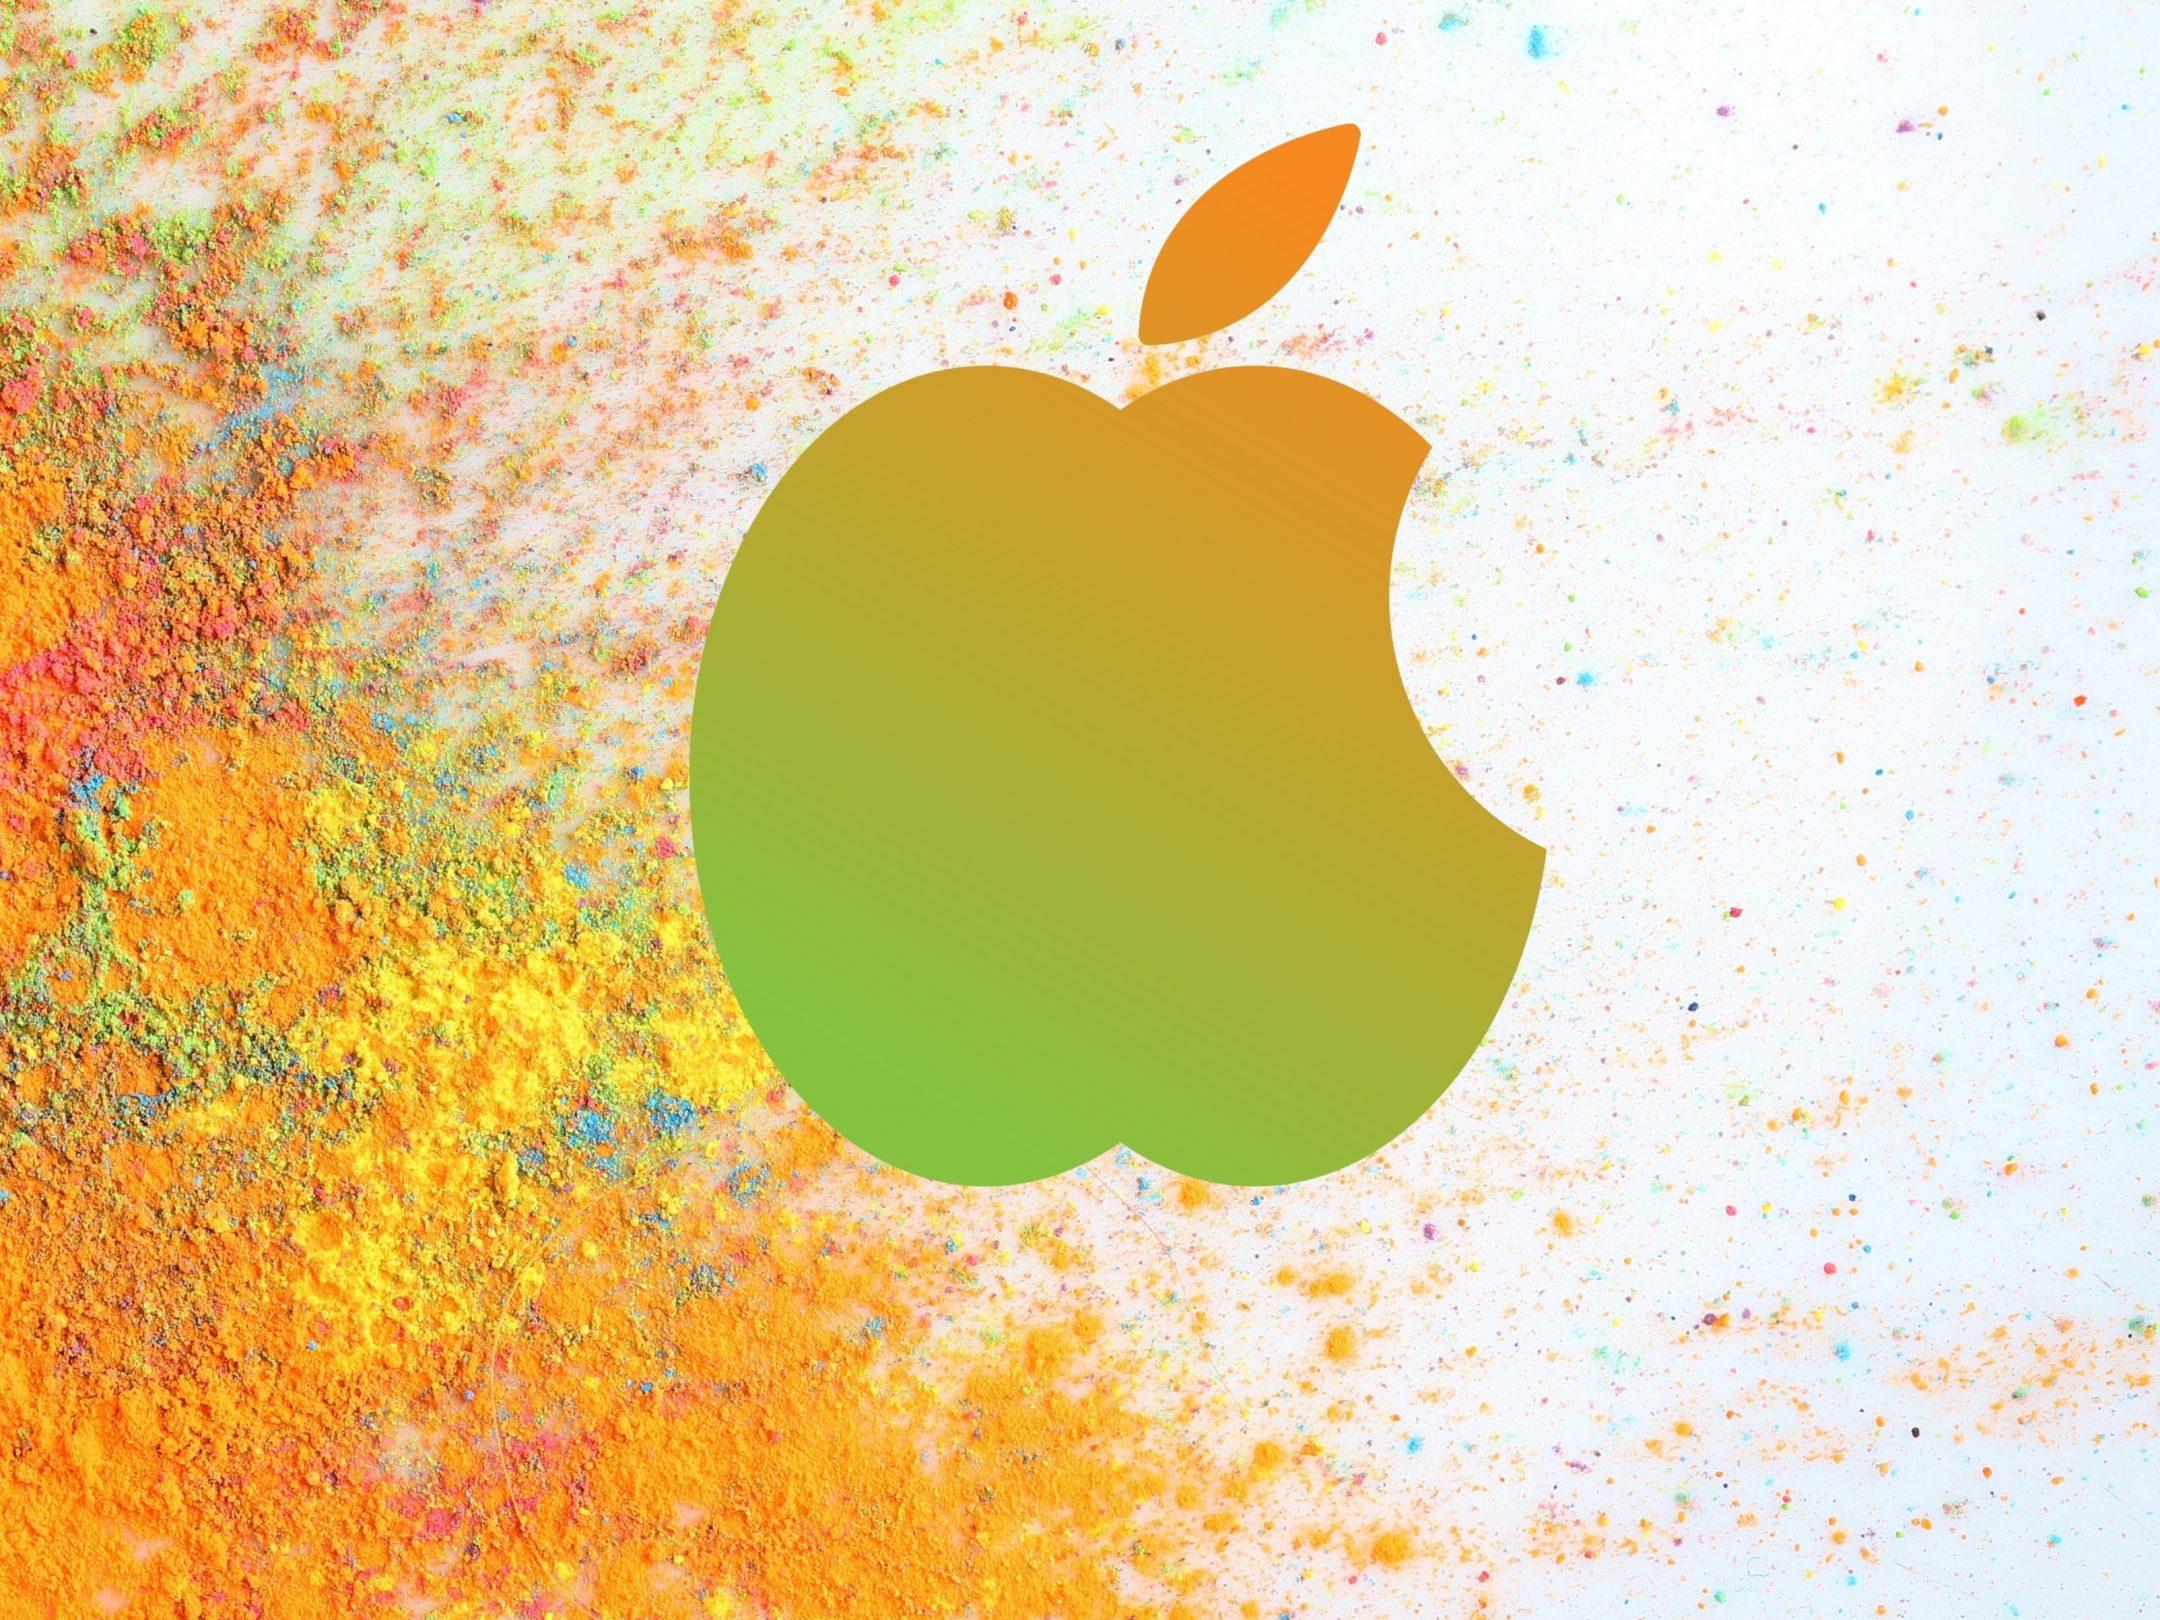 2160x1620 iPad wallpaper 4k Apple 2021 iPad Wallpaper 2160x1620 pixels resolution